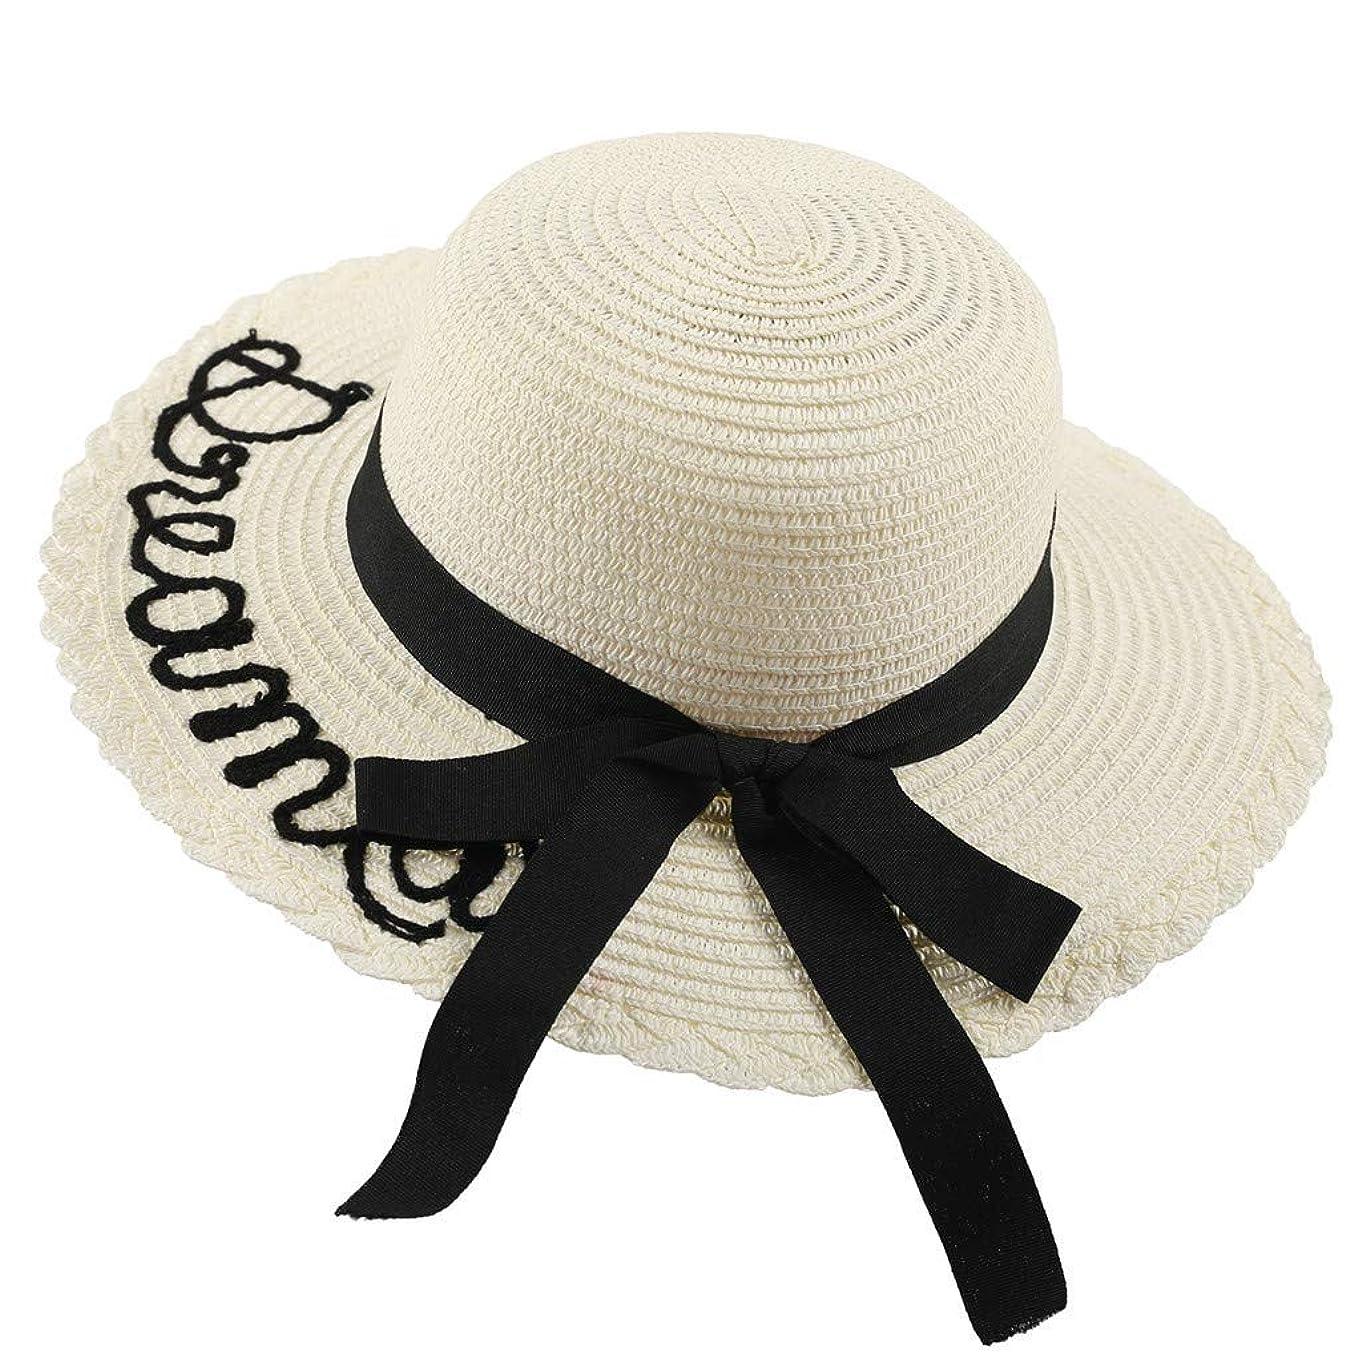 金属ボート壮大なハット キッズ 子供 UVカット 帽子 ベビー UVカット 日よけ 折りたたみ つば広 おしゃれ 可愛い 帽子 レディース UV ハット 麦わら帽子 小顔効果抜群 ハット uv 日除け 帽子 サイズ調整 テープ キャップ 白 ROSE ROMAN